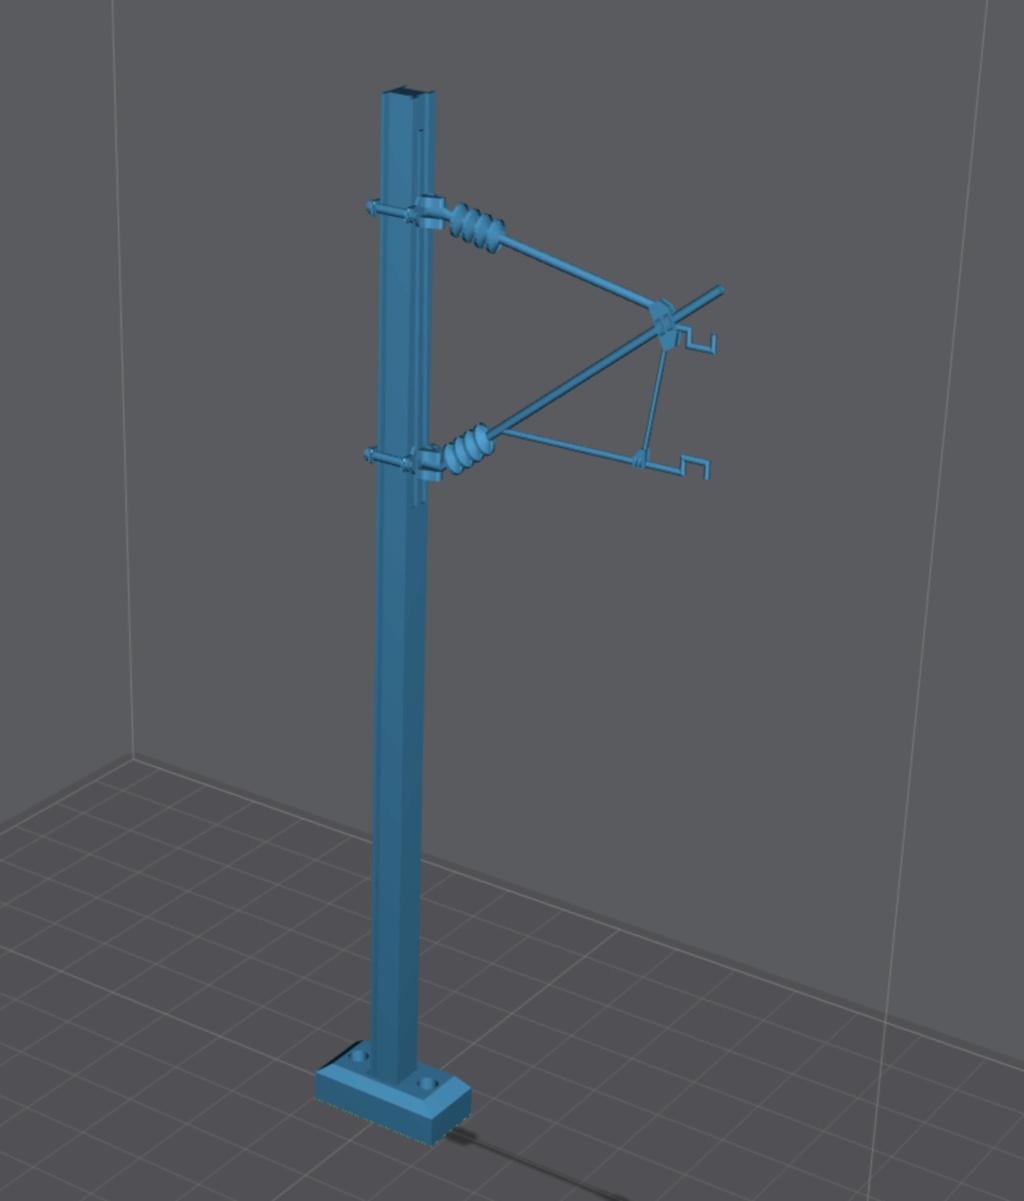 Bruxelona - Réseau 5m*160 & impressions 3D - Page 5 Screen10